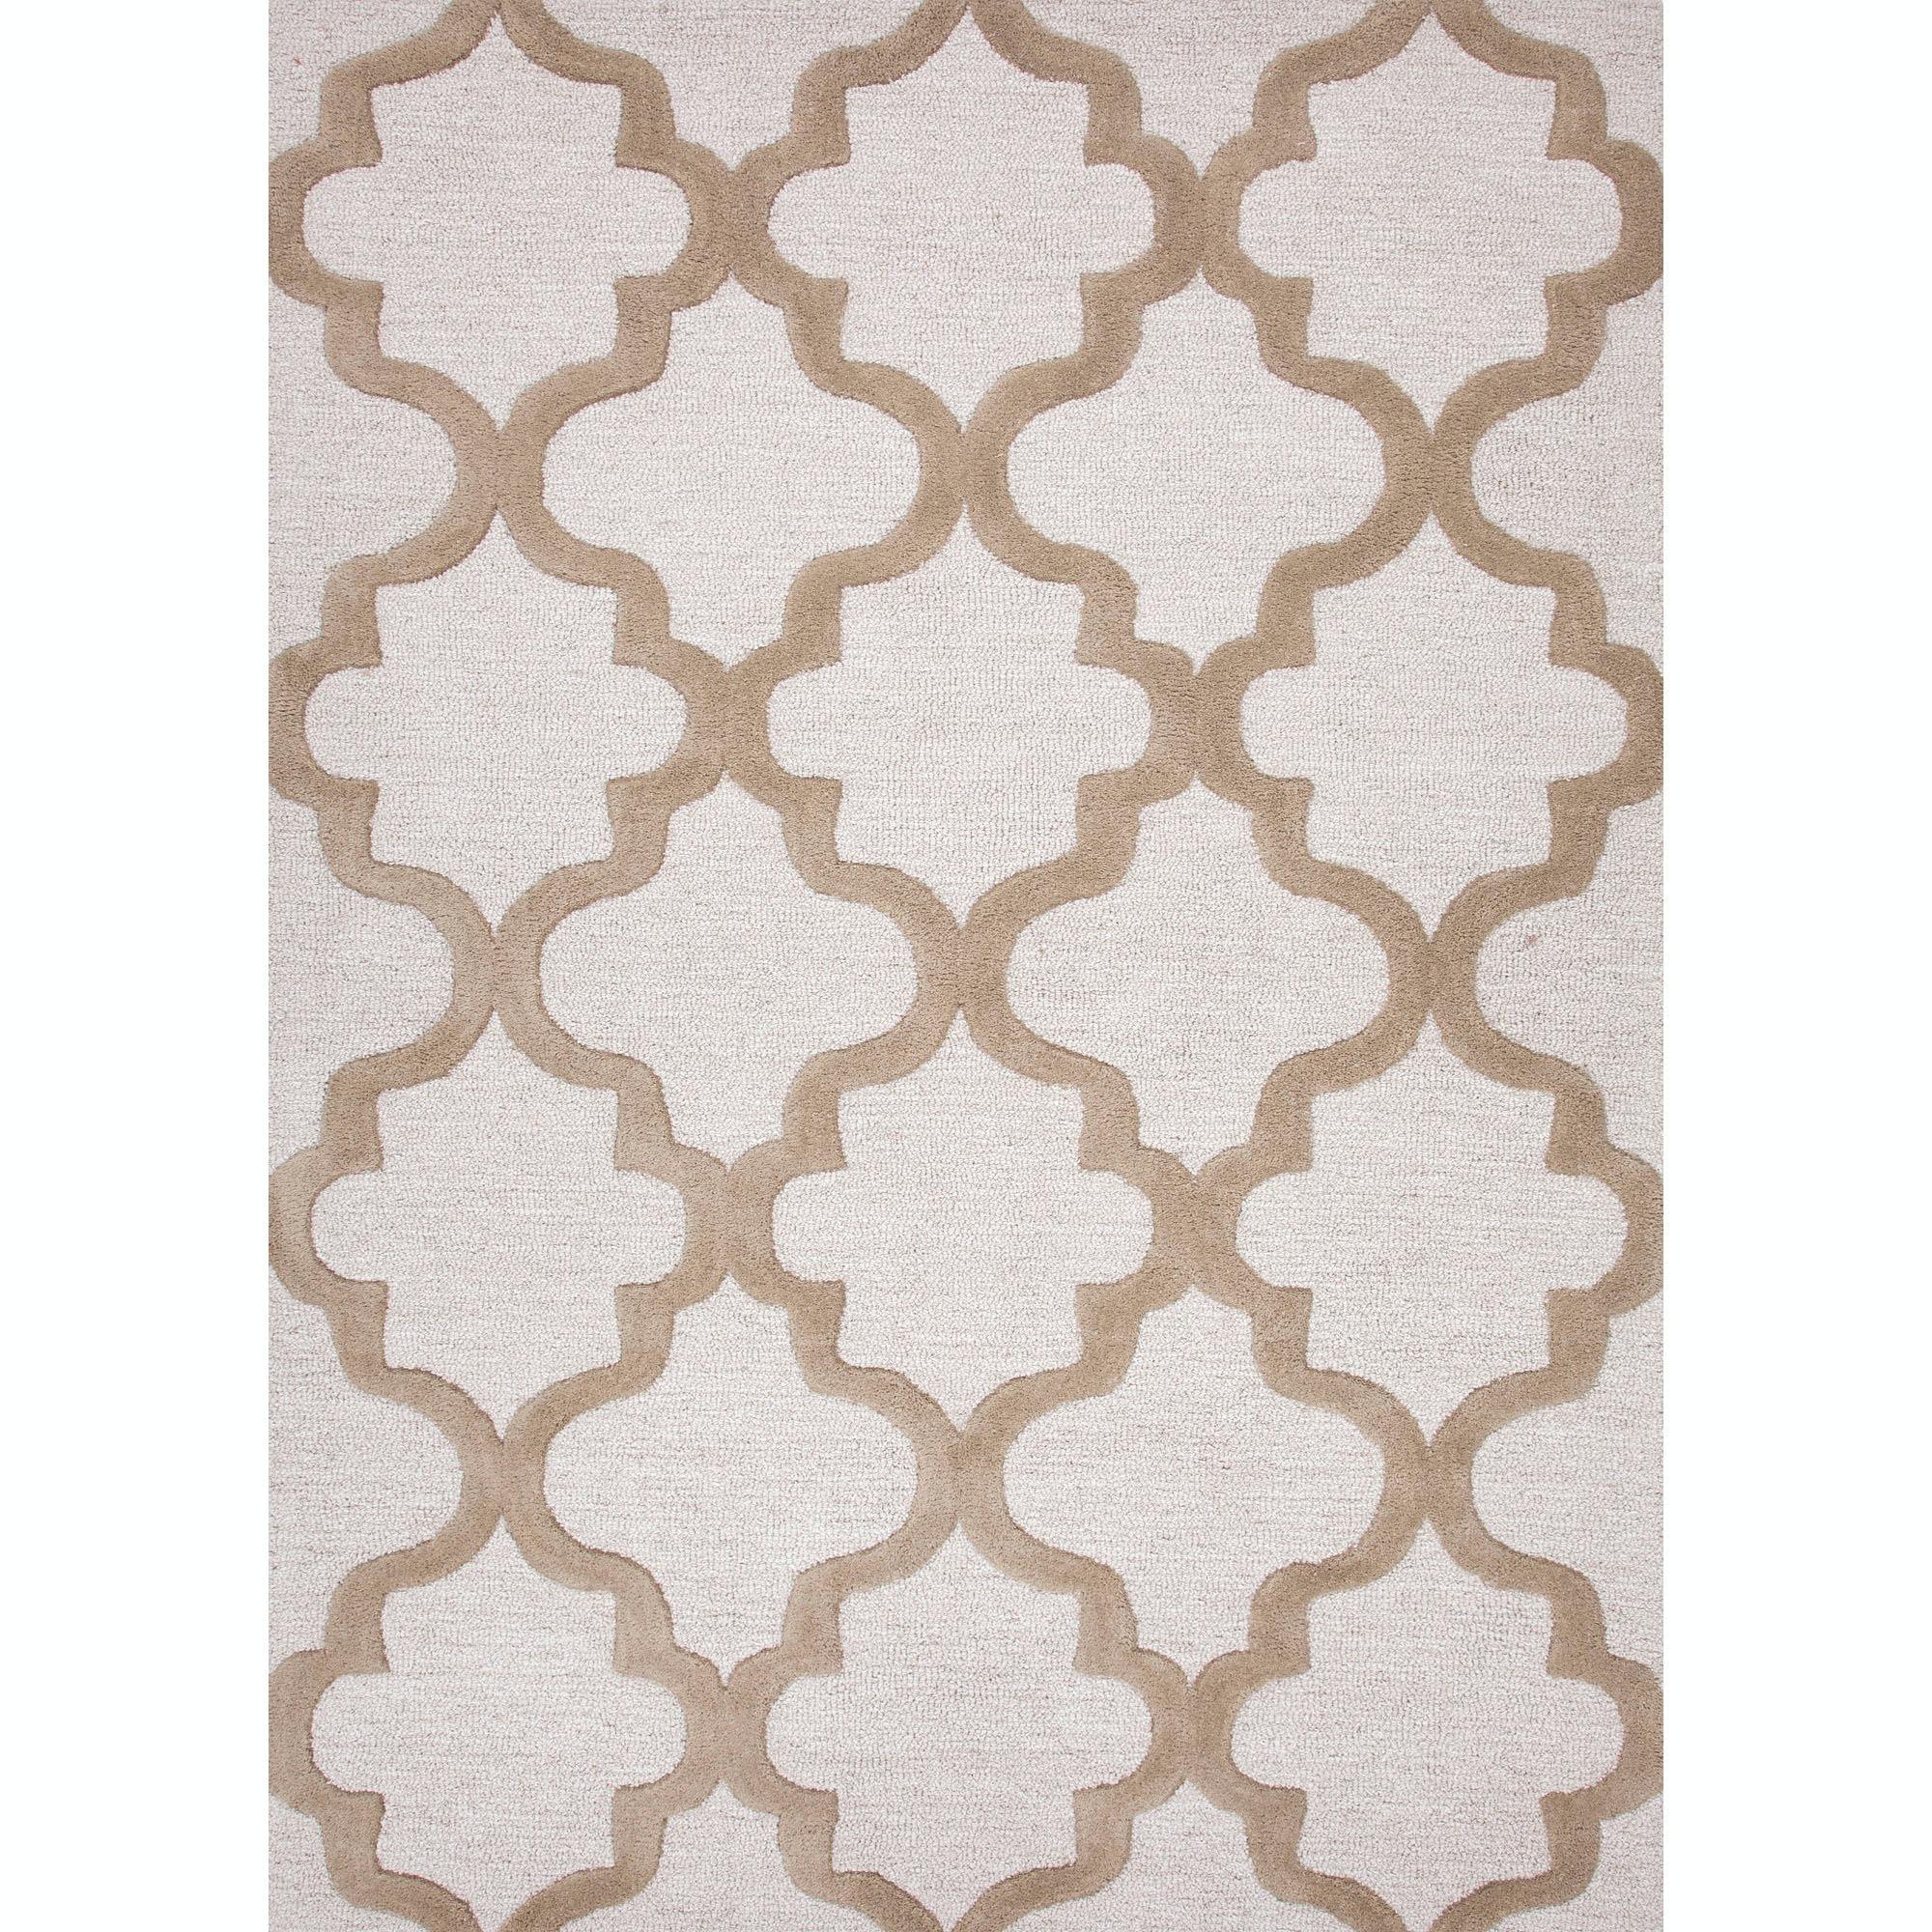 Jaipur Rugs Floor Coverings Hand Tufted Geometric Pattern Wool Ivory